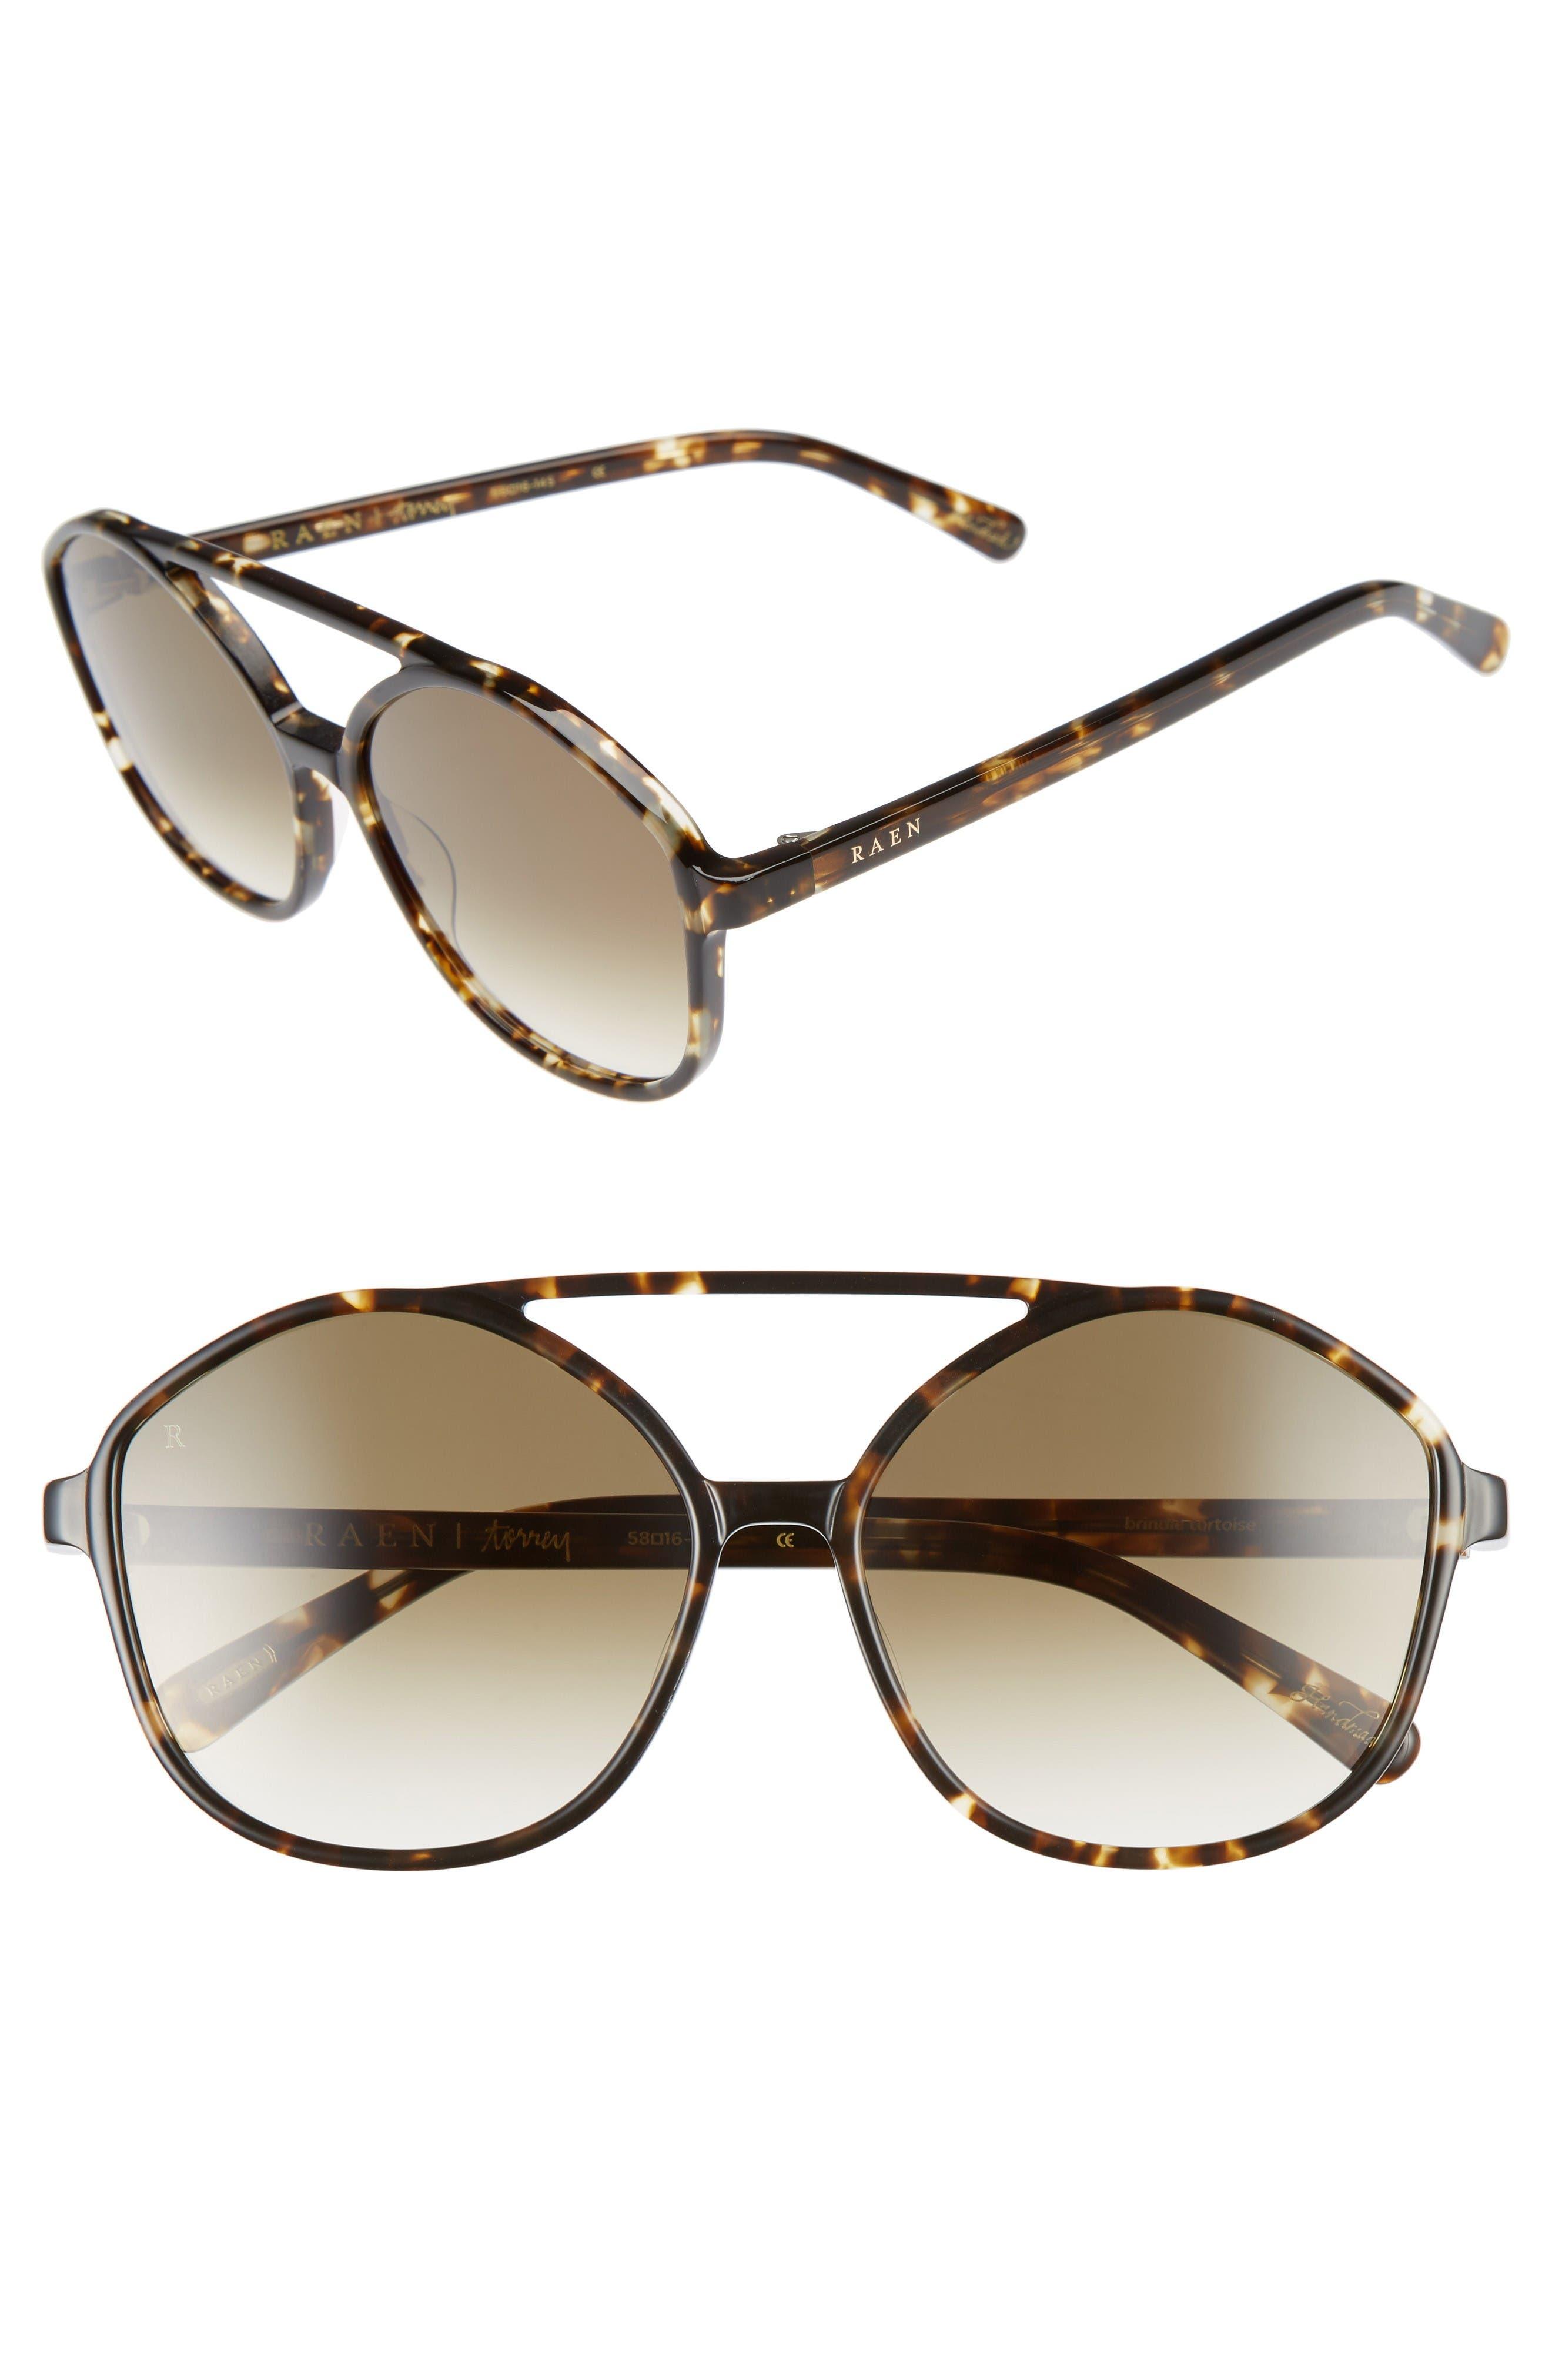 Alternate Image 1 Selected - RAEN Torrey 58mm Aviator Sunglasses